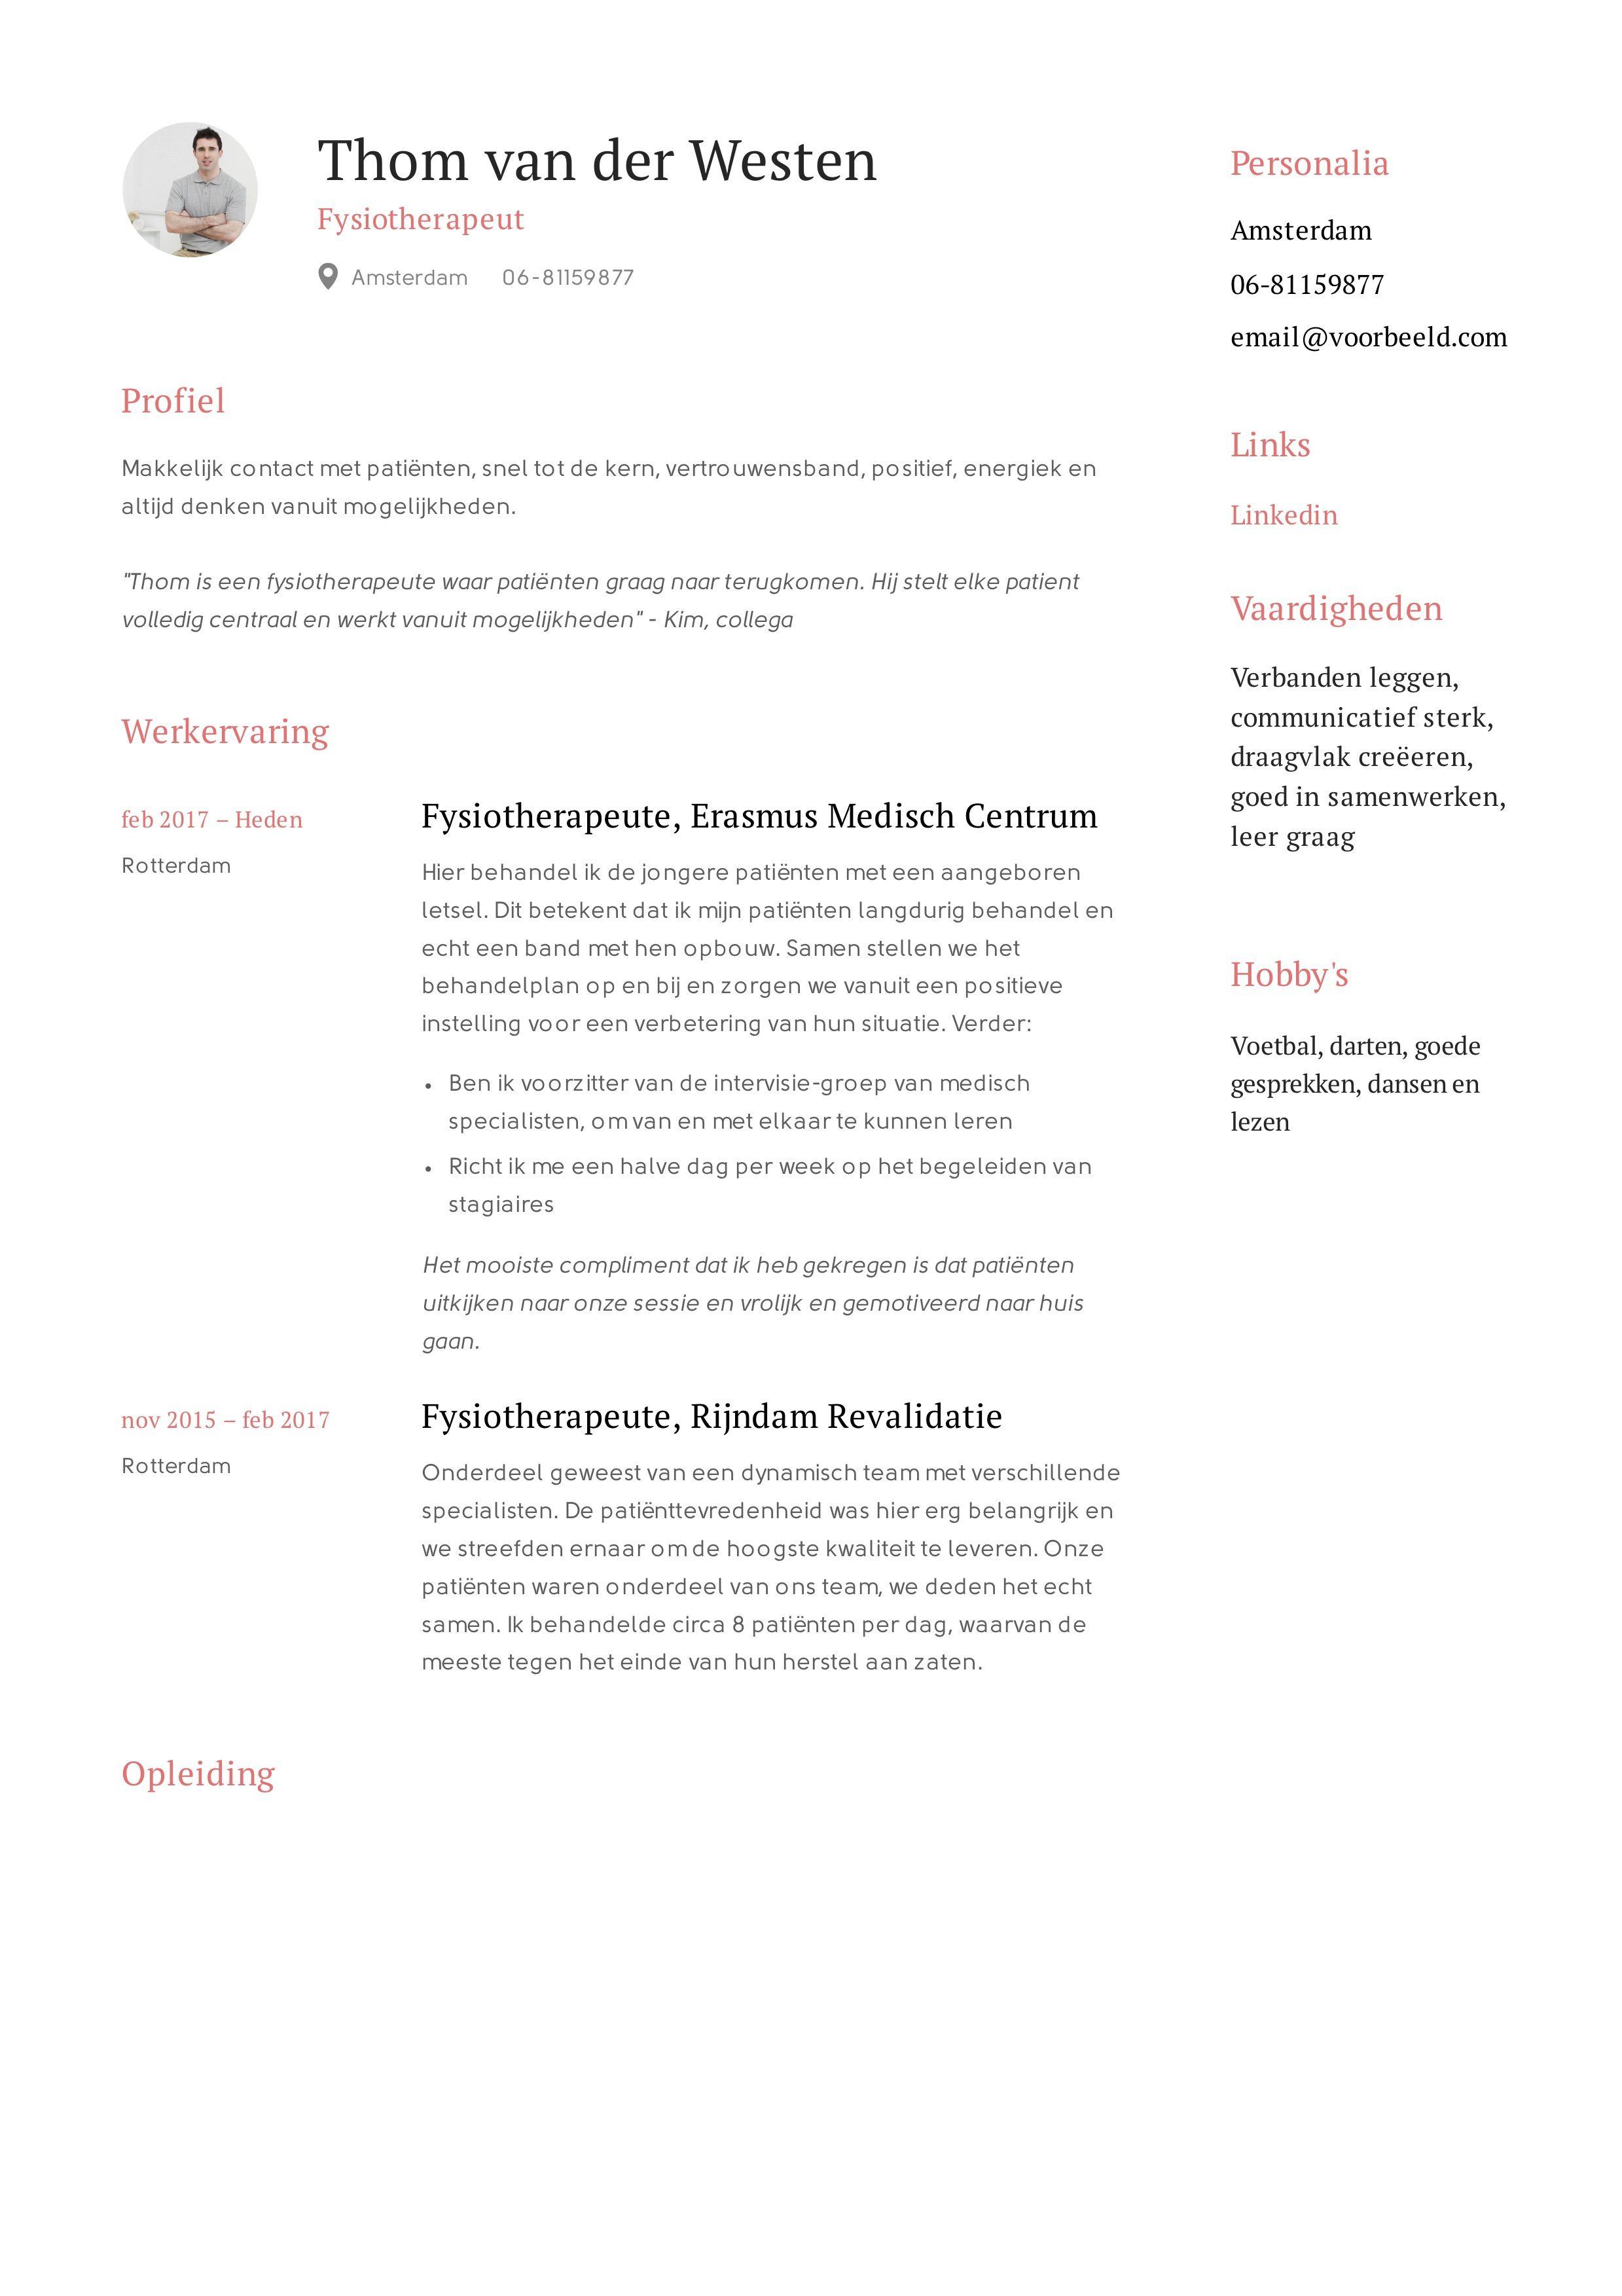 CV Voorbeeld creatief met rood Creatief cv, Creatief